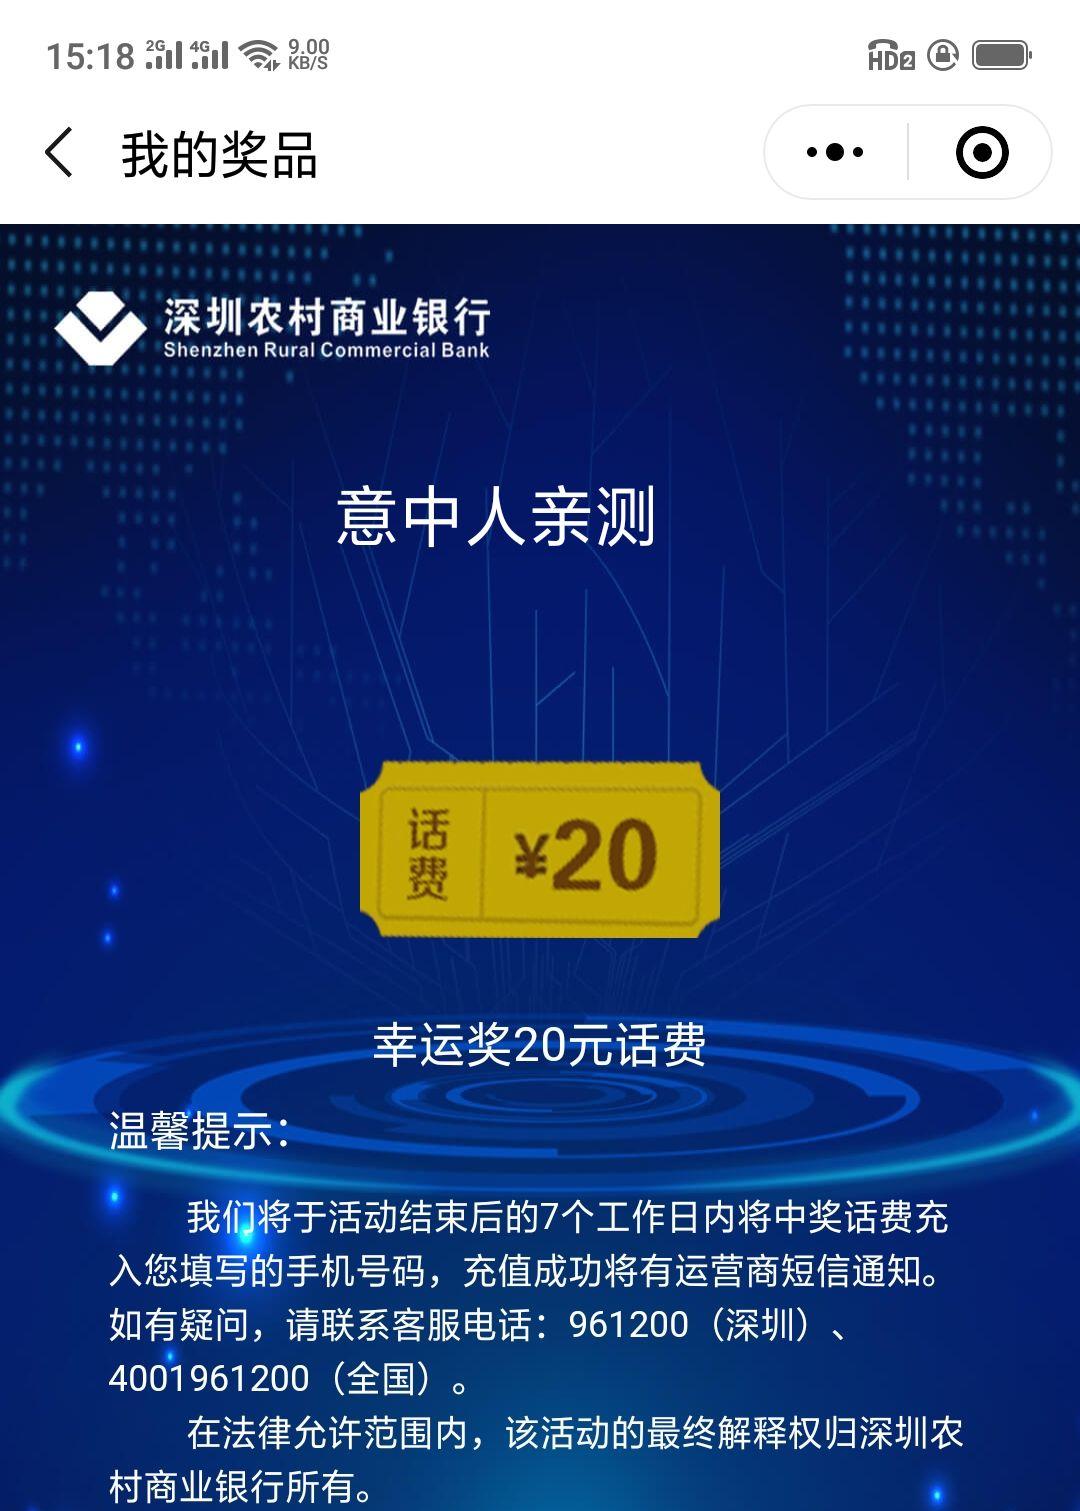 手机号码抽奖程序_优惠资讯_APP资源网-专注网络资源分享